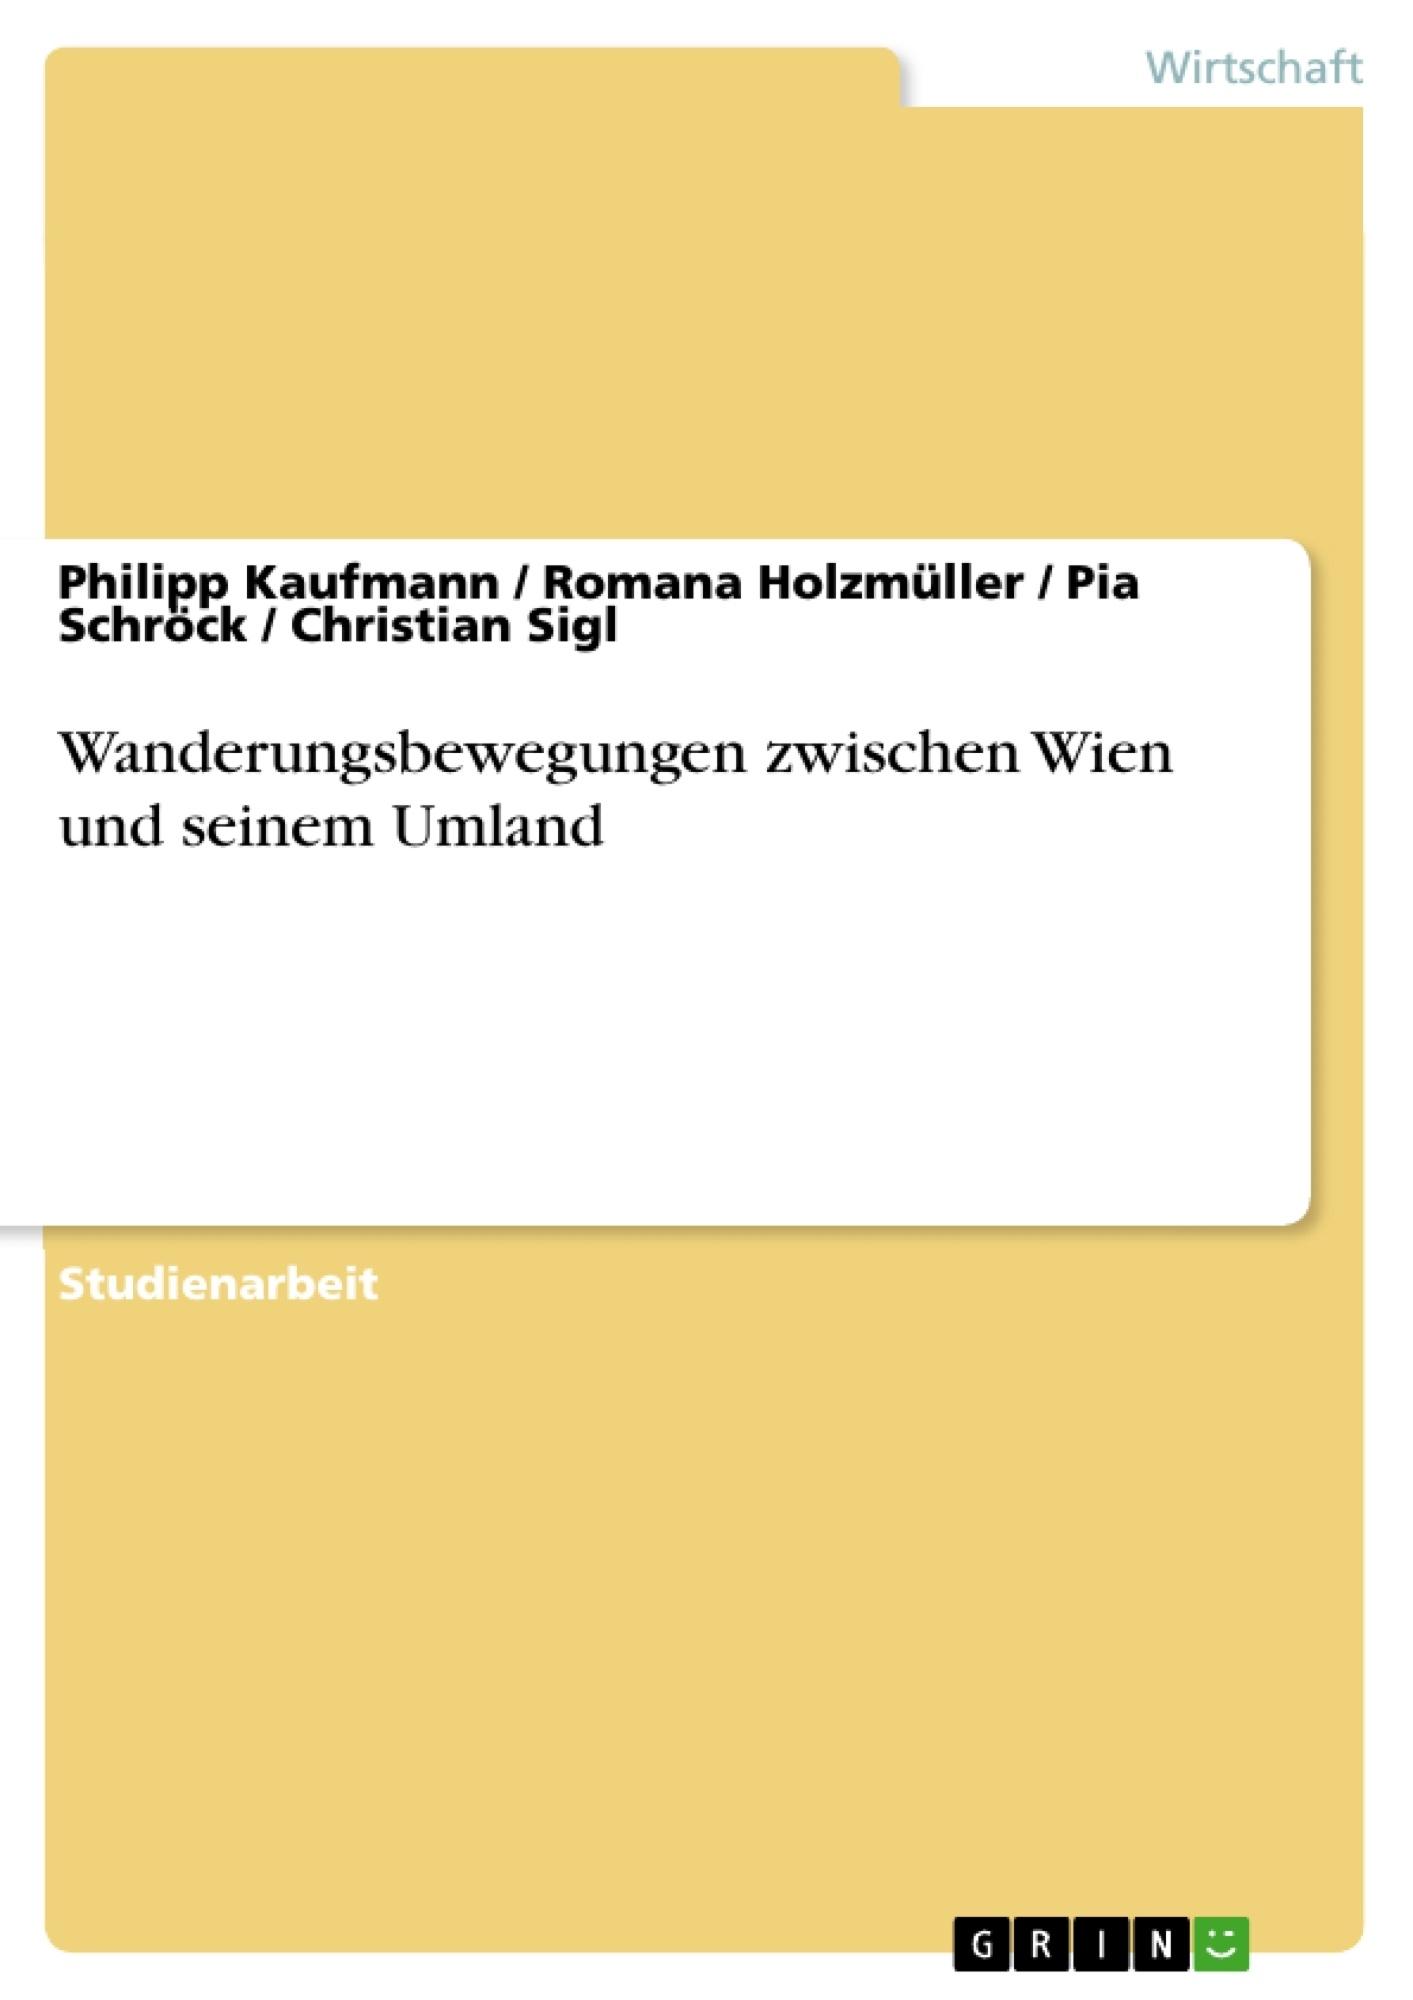 Titel: Wanderungsbewegungen zwischen Wien und seinem Umland